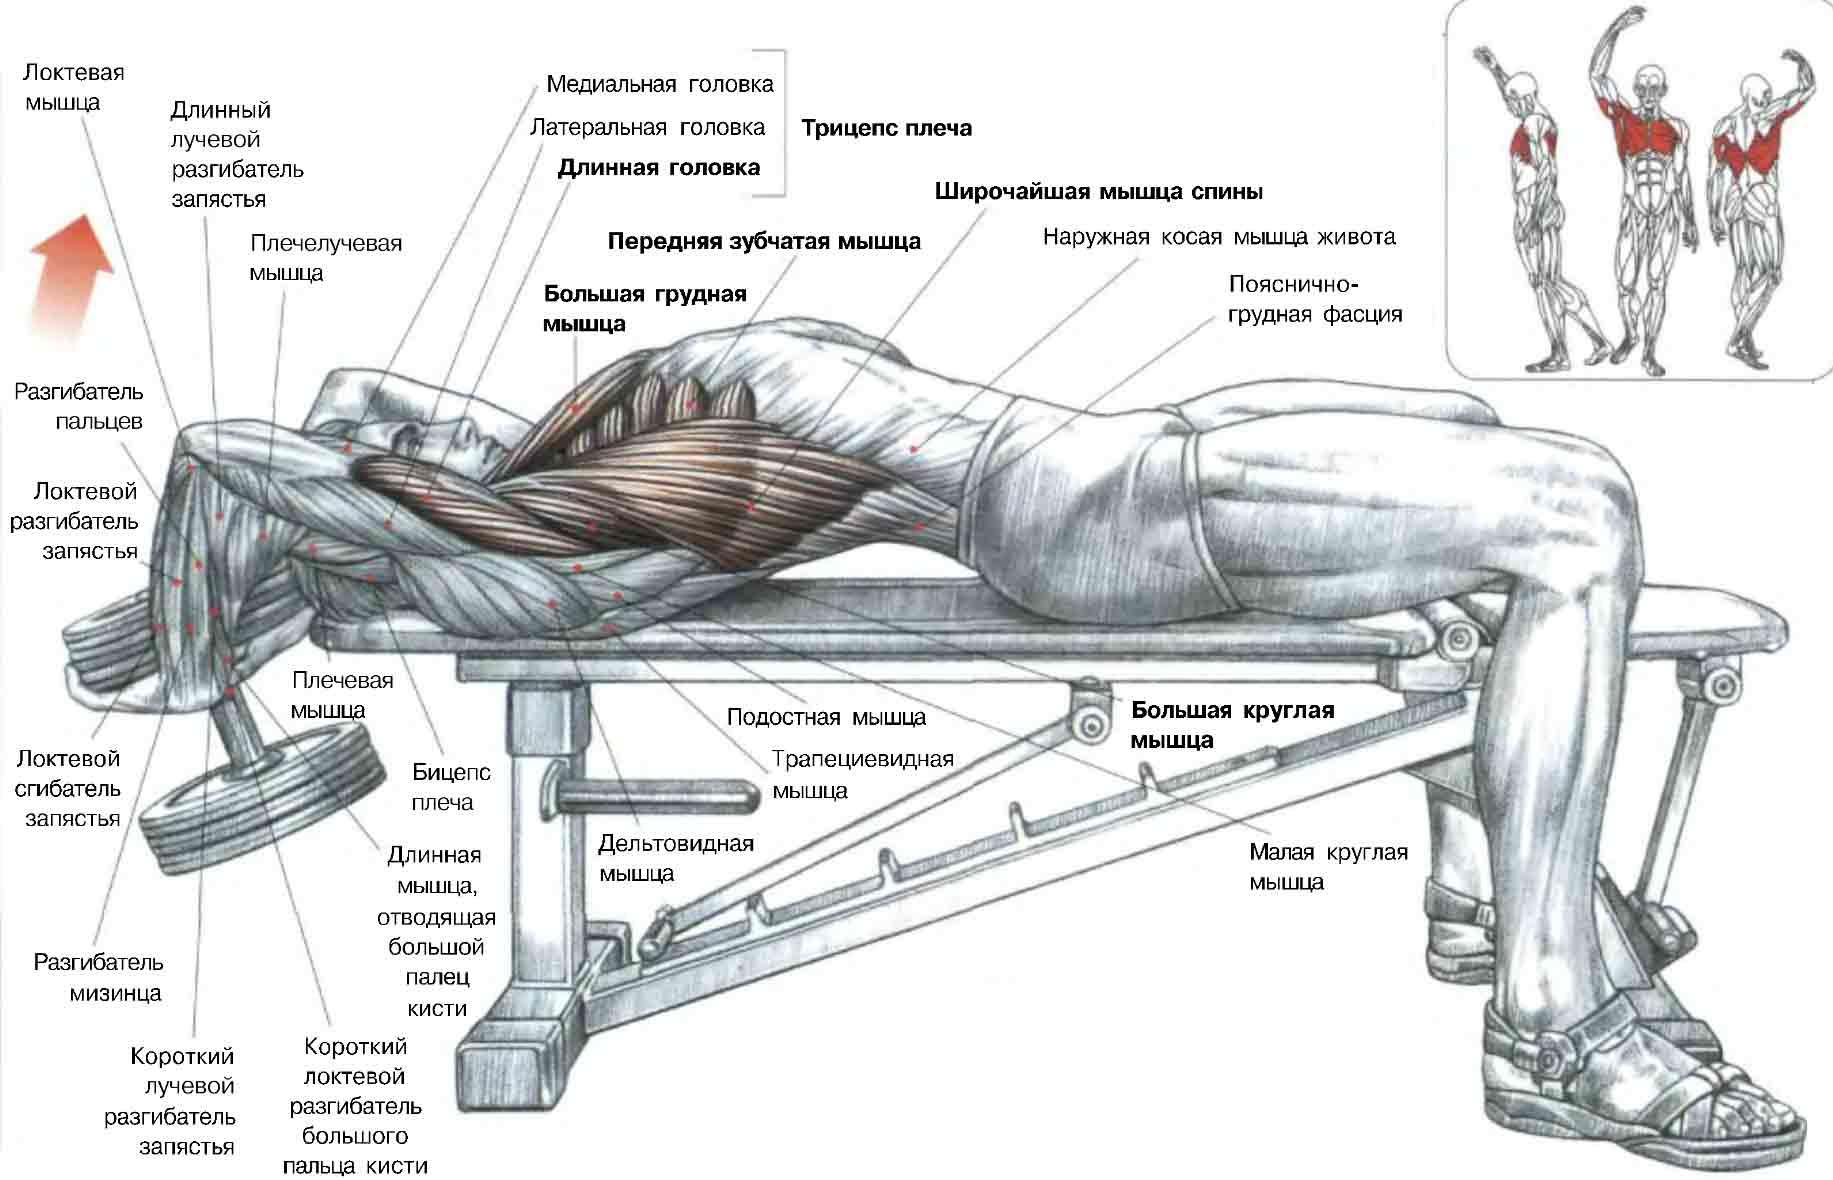 Как натренировать мышцы в домашних условиях